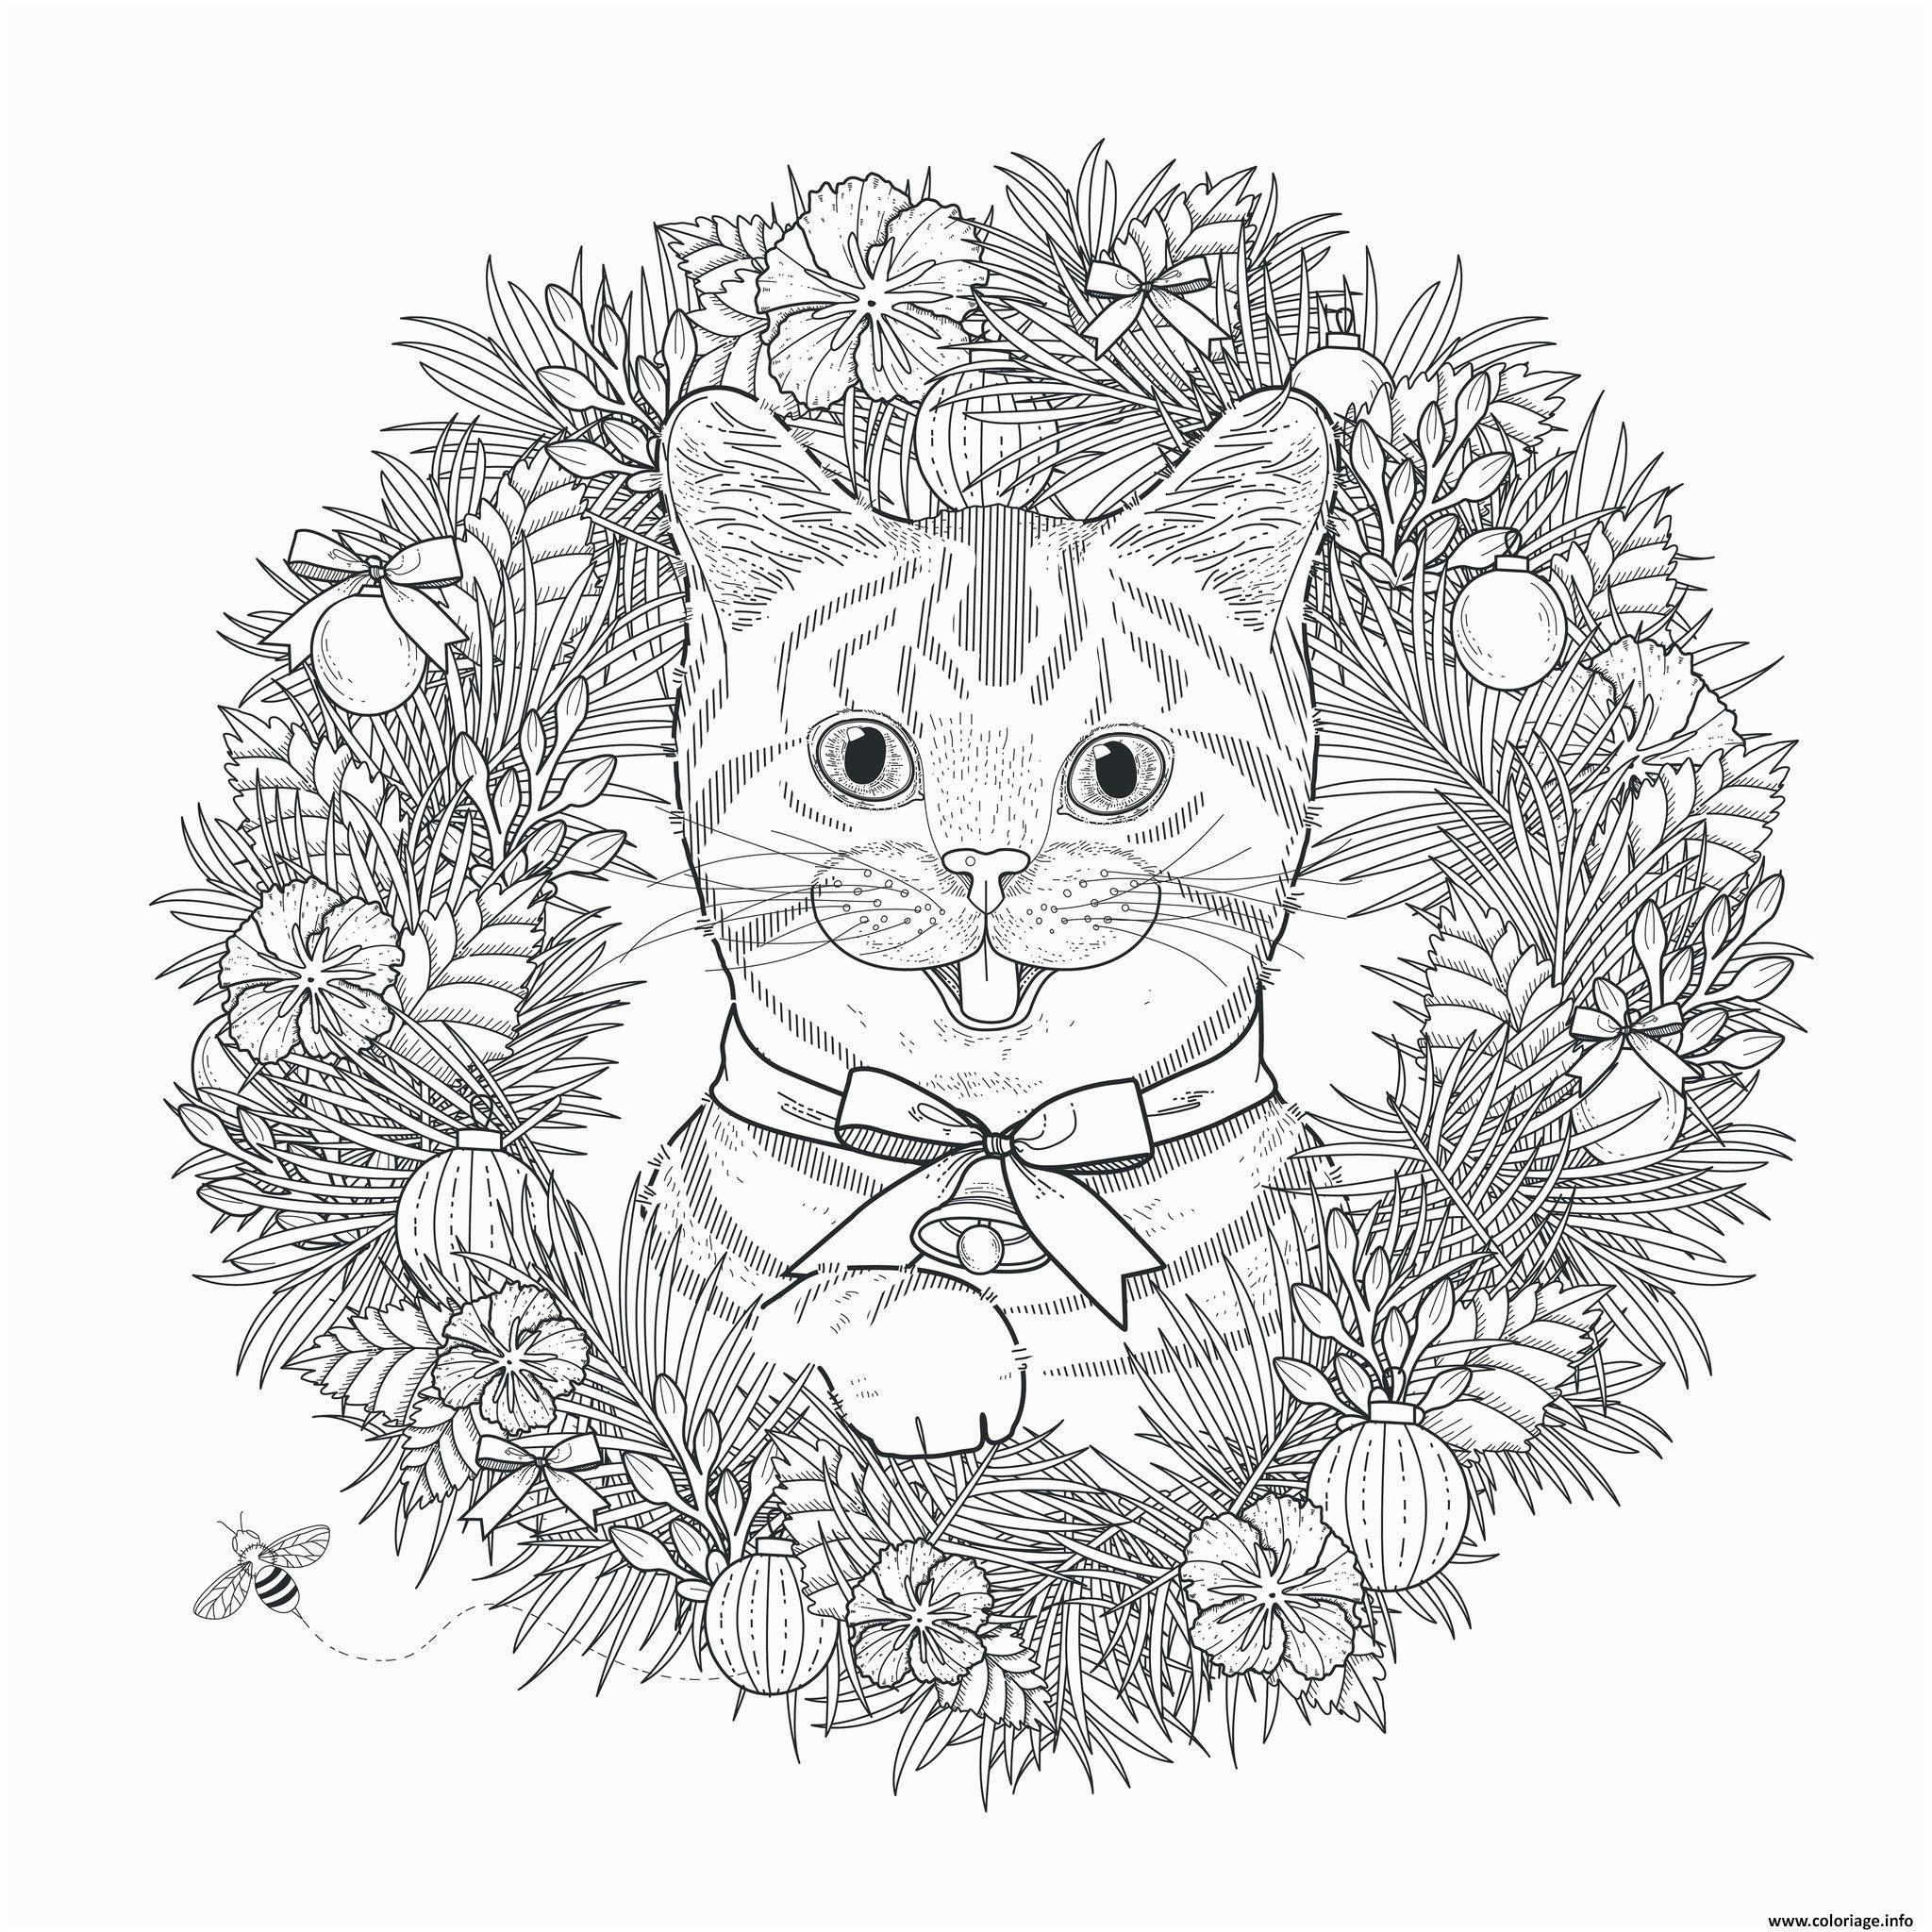 Coloriage De Noel Format A4 Imprimer Mandala Animaux pour Mandala Animaux À Imprimer Gratuit